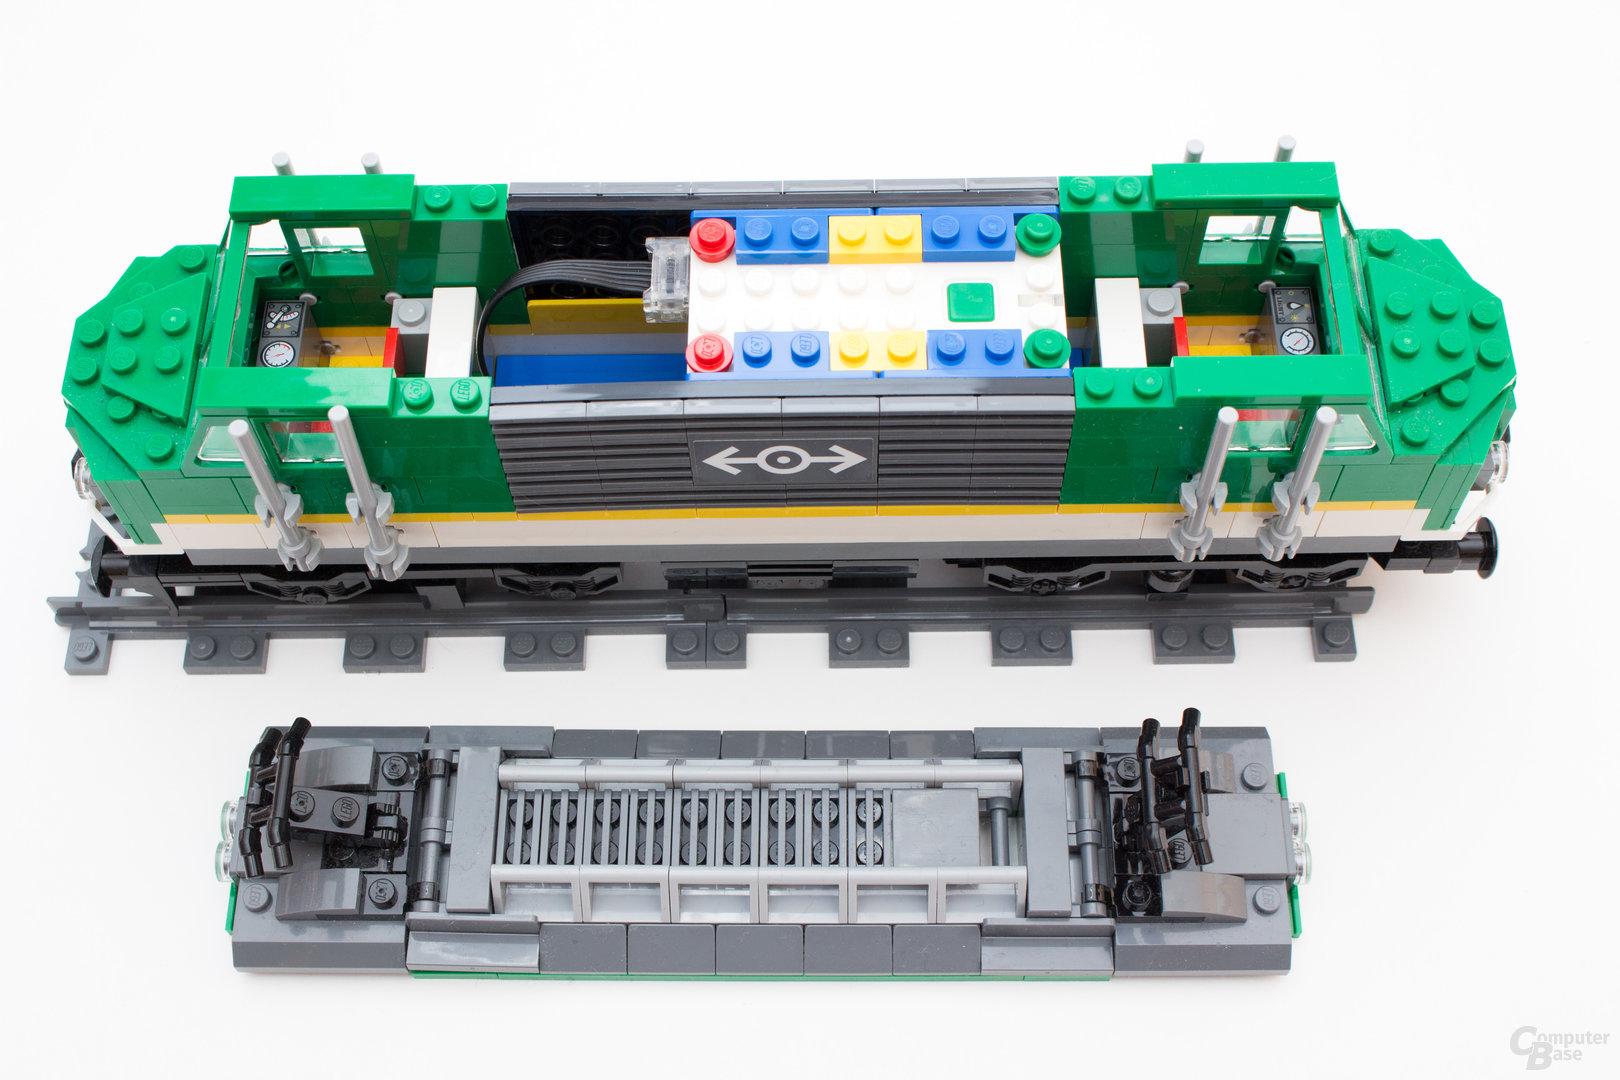 Bluetooth statt wie bisher Infrarot beim neuen Güterzug 60198 von Lego